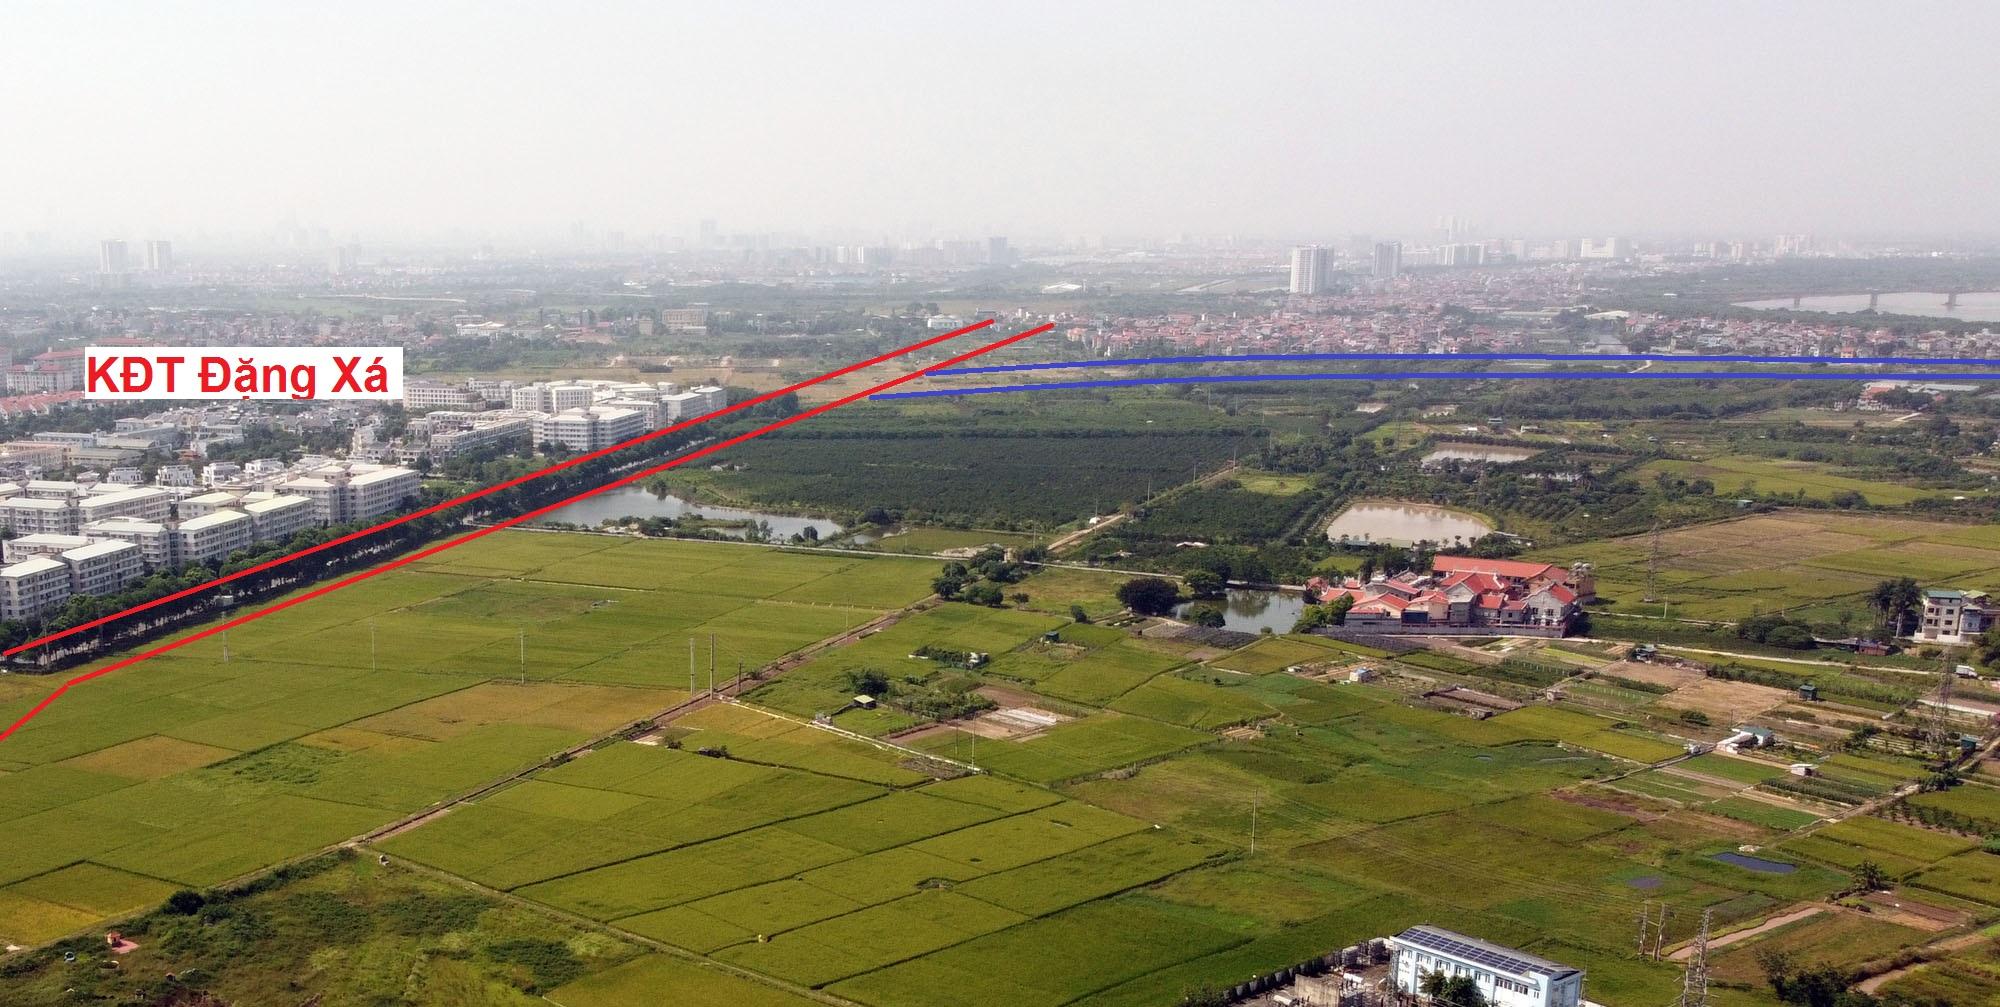 đường sẽ mở theo qui hoạch ở xã Đặng Xá, Gia Lâm, Hà Nội - Ảnh 6.